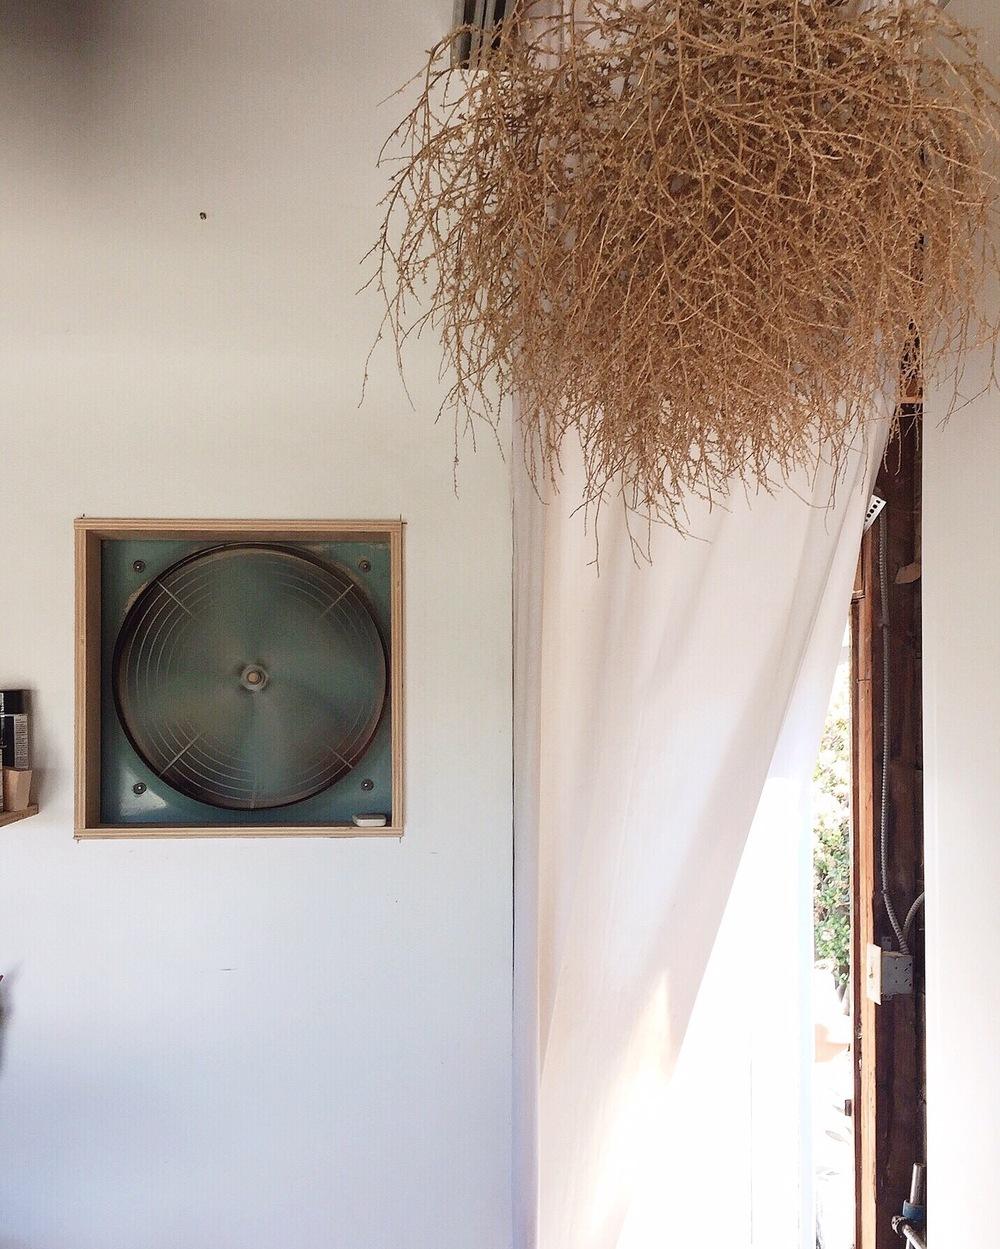 Studio of woodworker Silvia Song. El Cerrito, CA.  2016 |iPhone